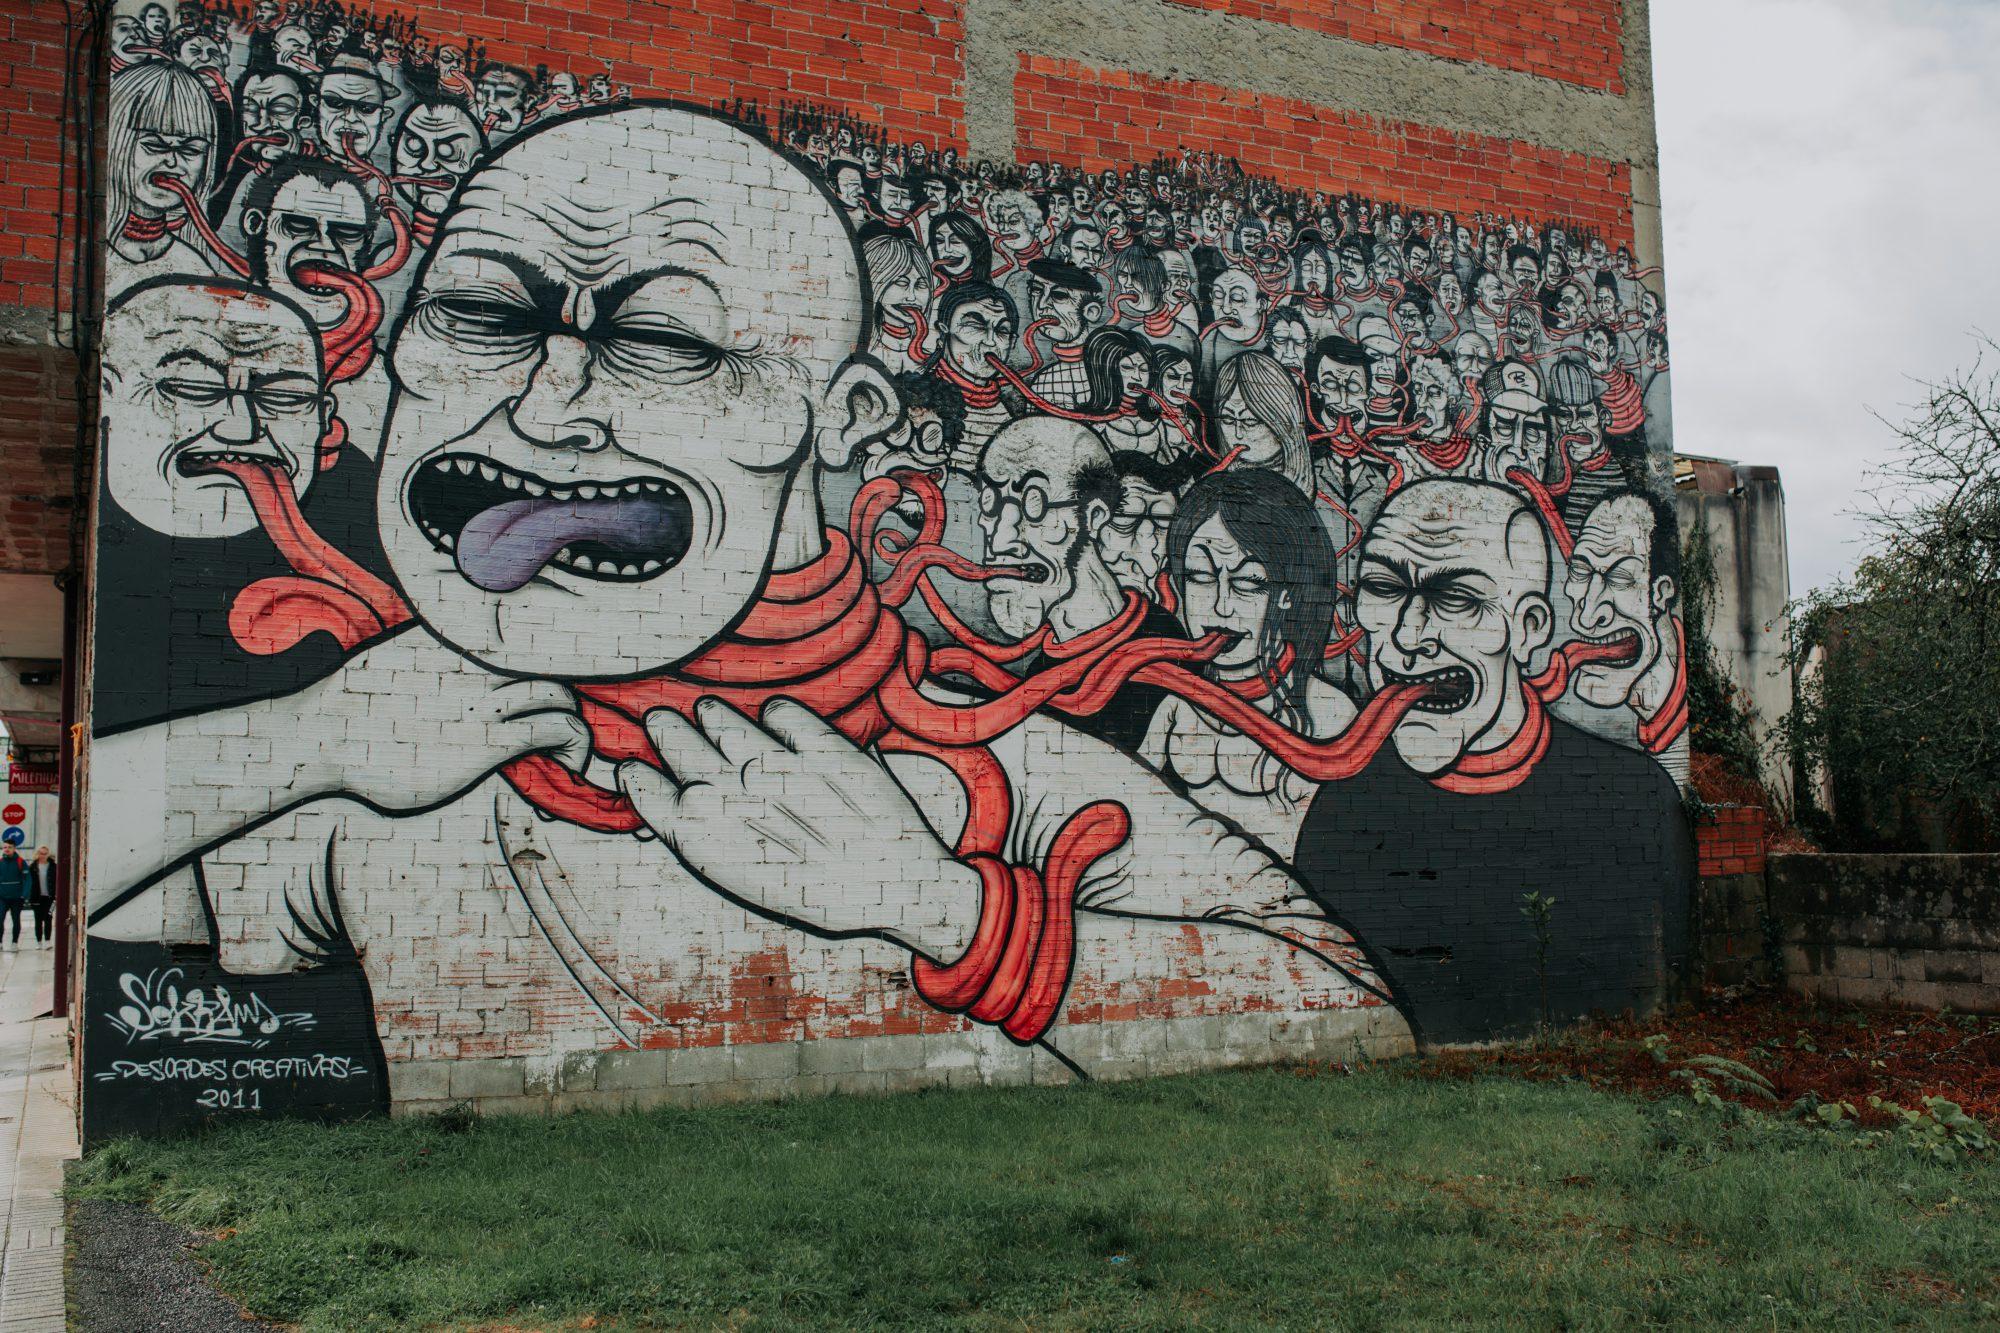 Street art en Ordes: Otra de las obras de Sokram en una fachada de Ordes (2011)